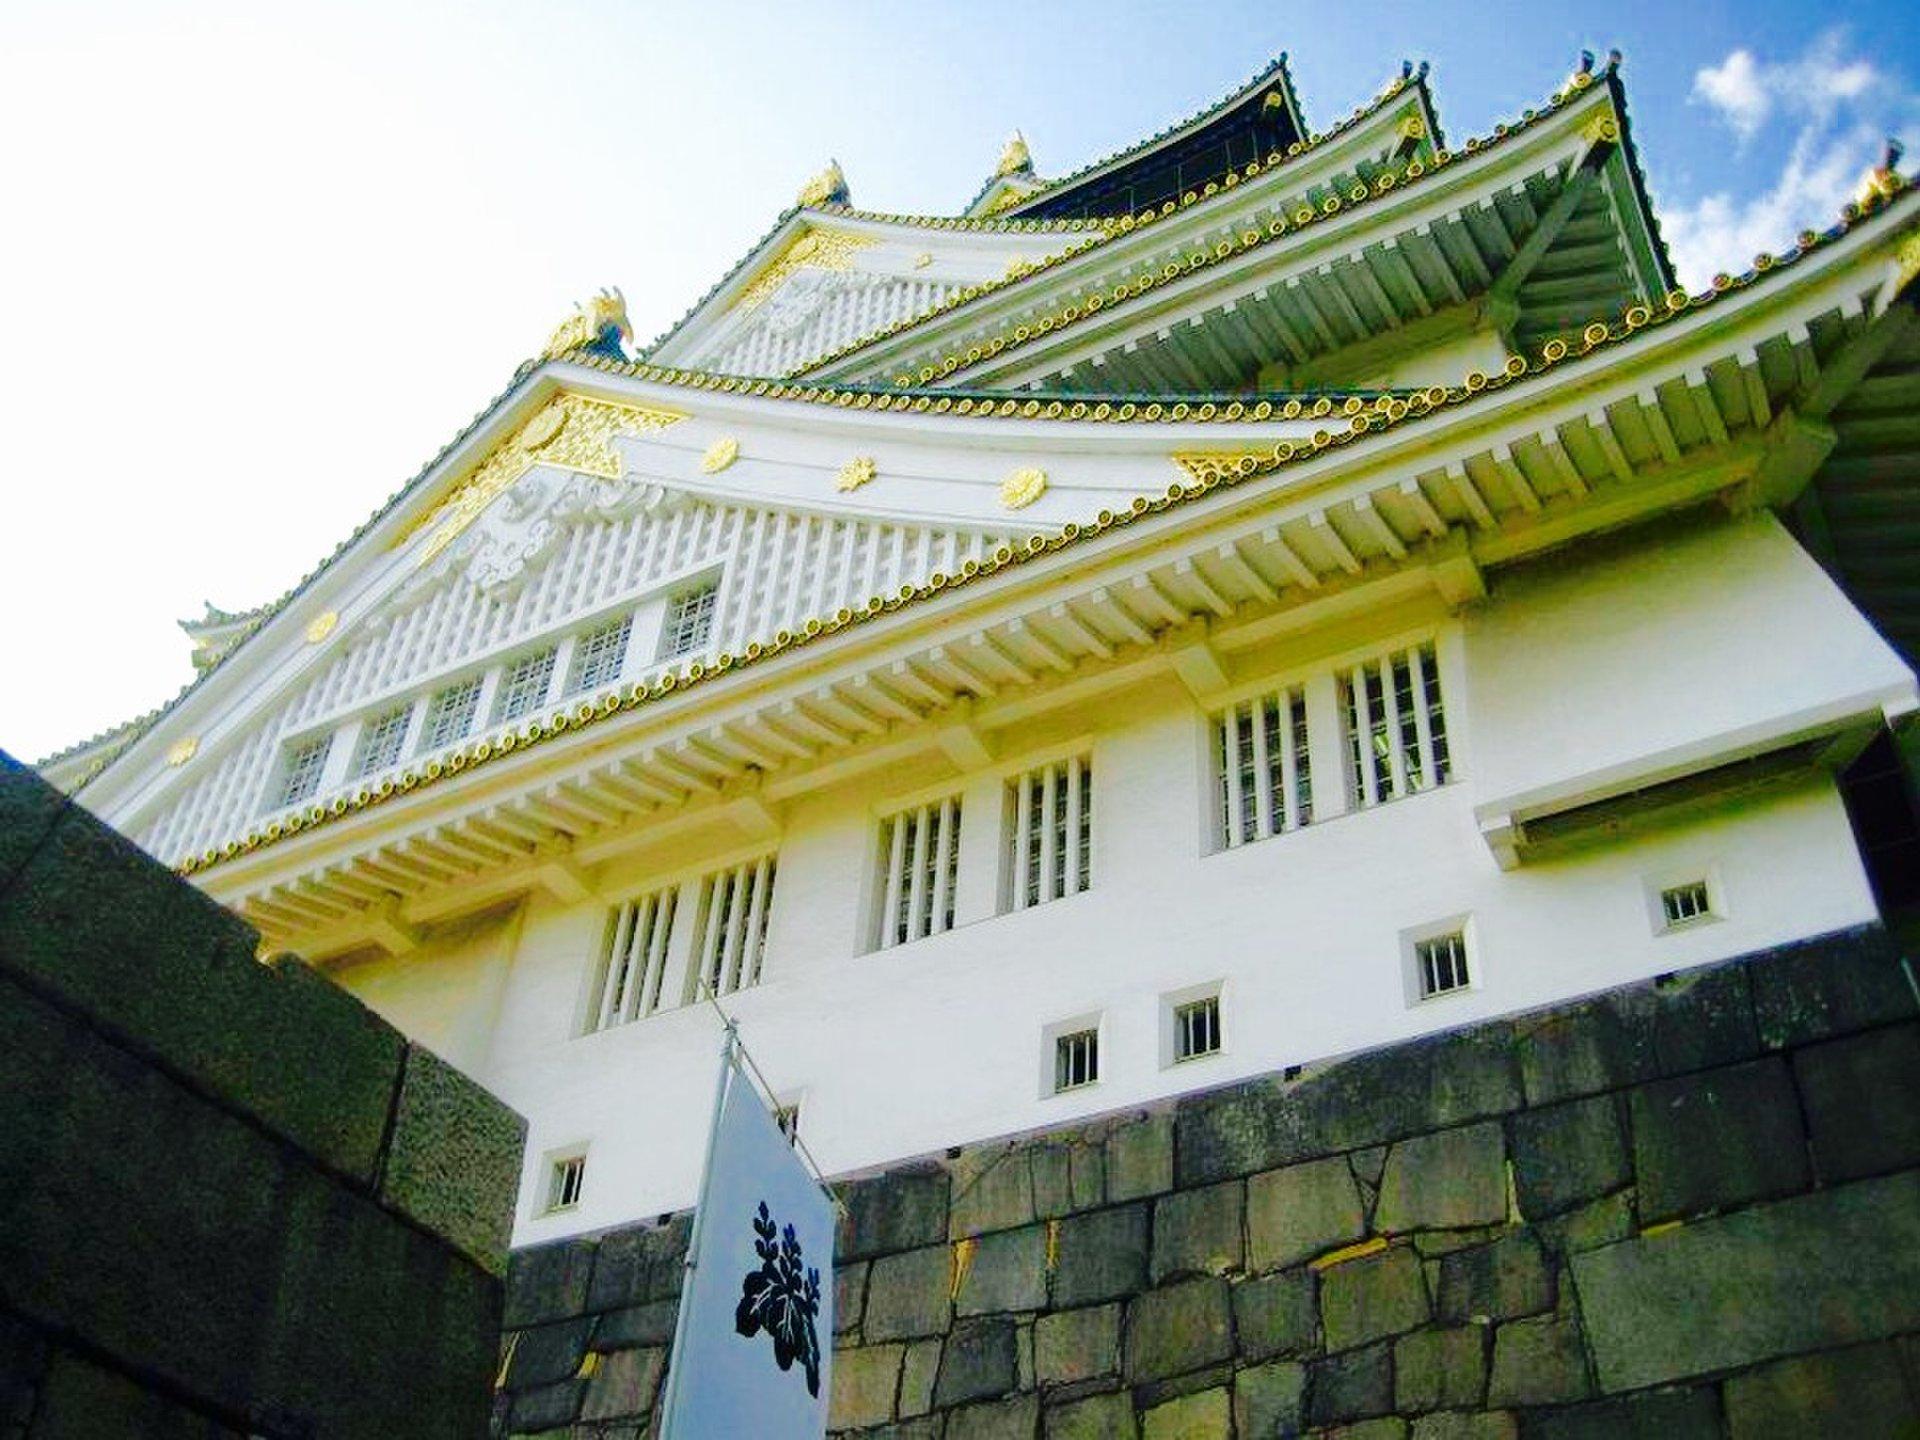 完全保存版!国内観光で訪れたい日本のおすすめ城郭・城跡51選